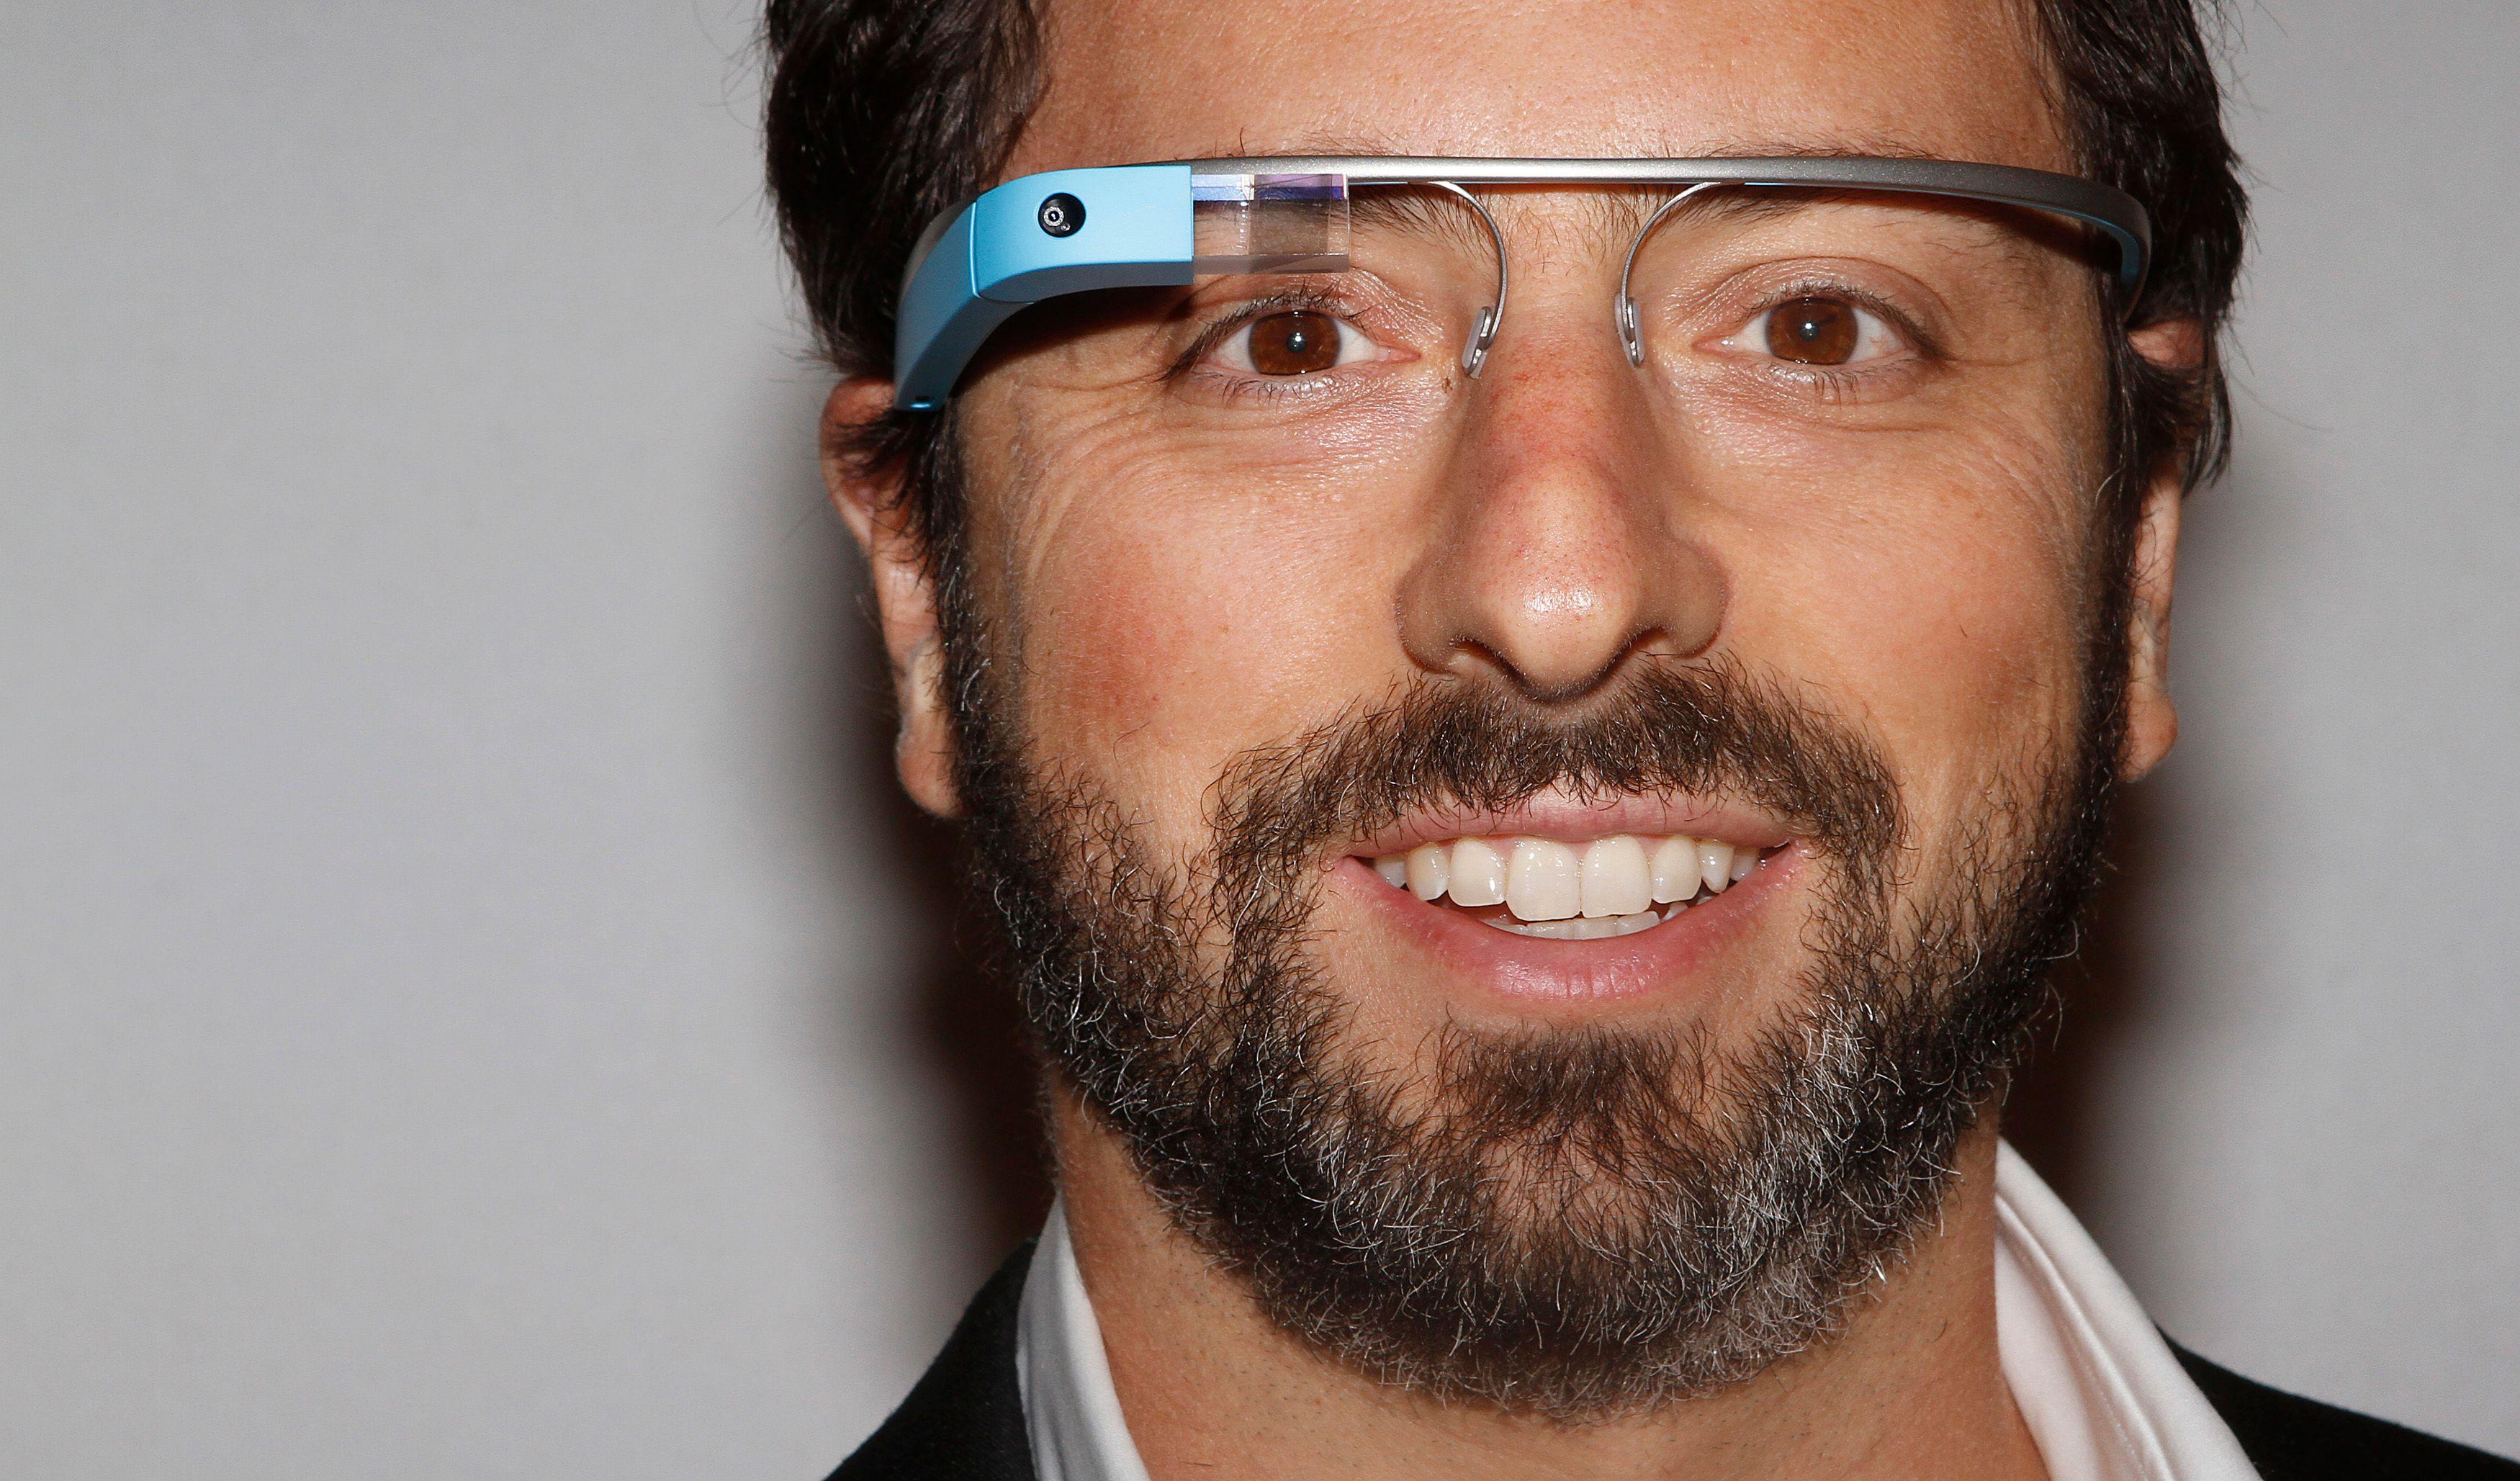 Google Glass : les applis porno interdites pour éviter les dérives